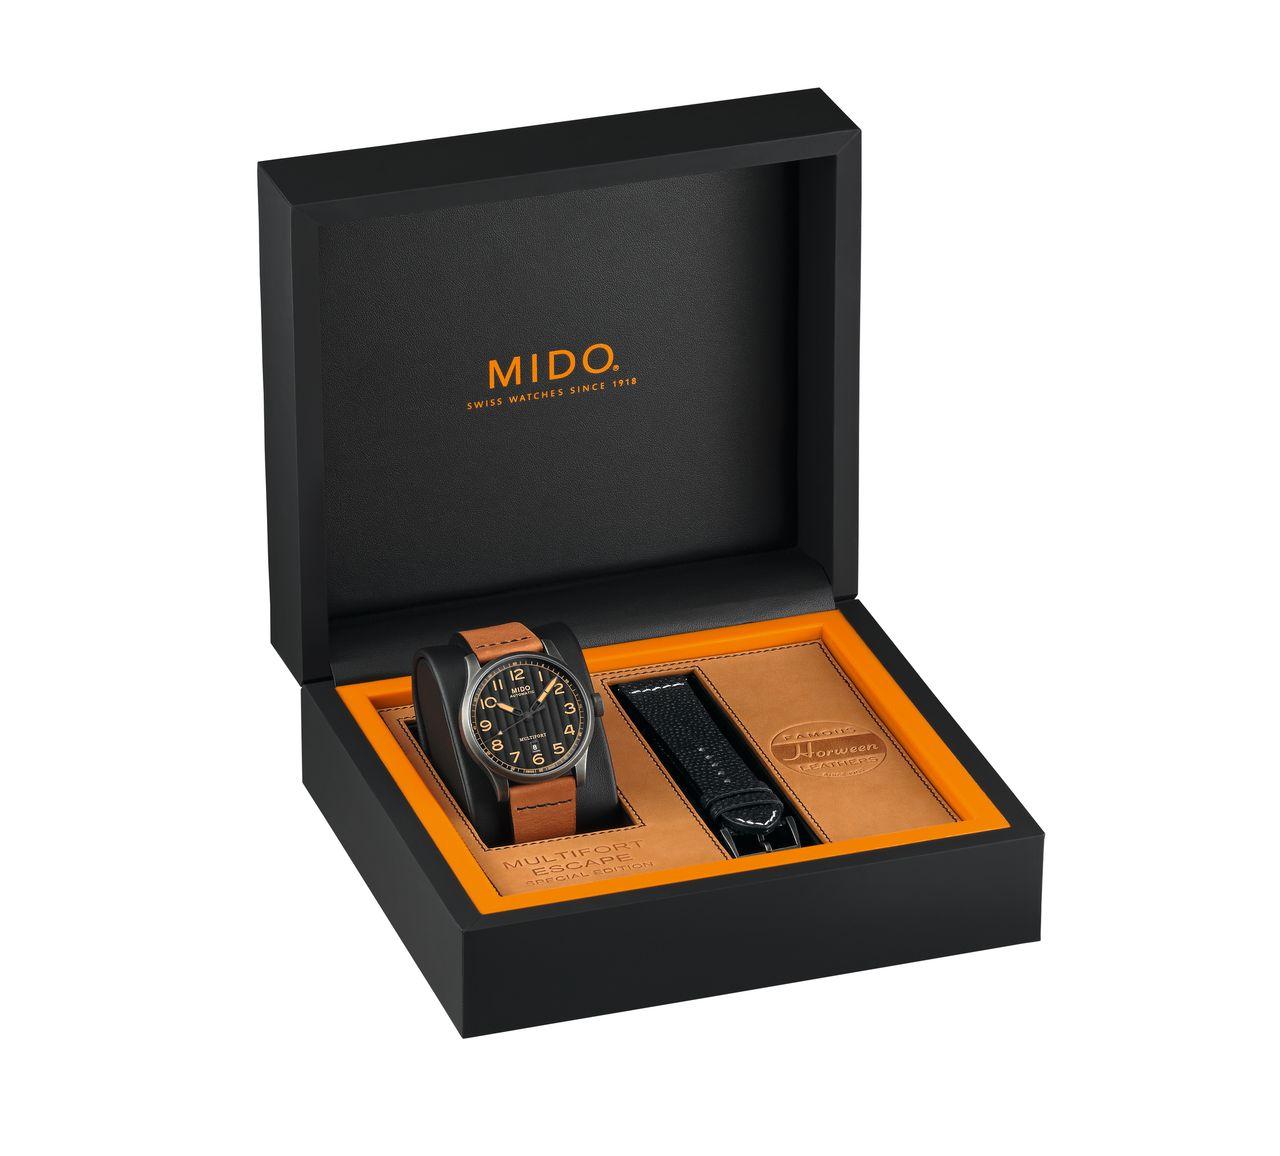 Mido Multifort Escape Horween Special Edition - alapból jár egy kiegészítő szíj az órához